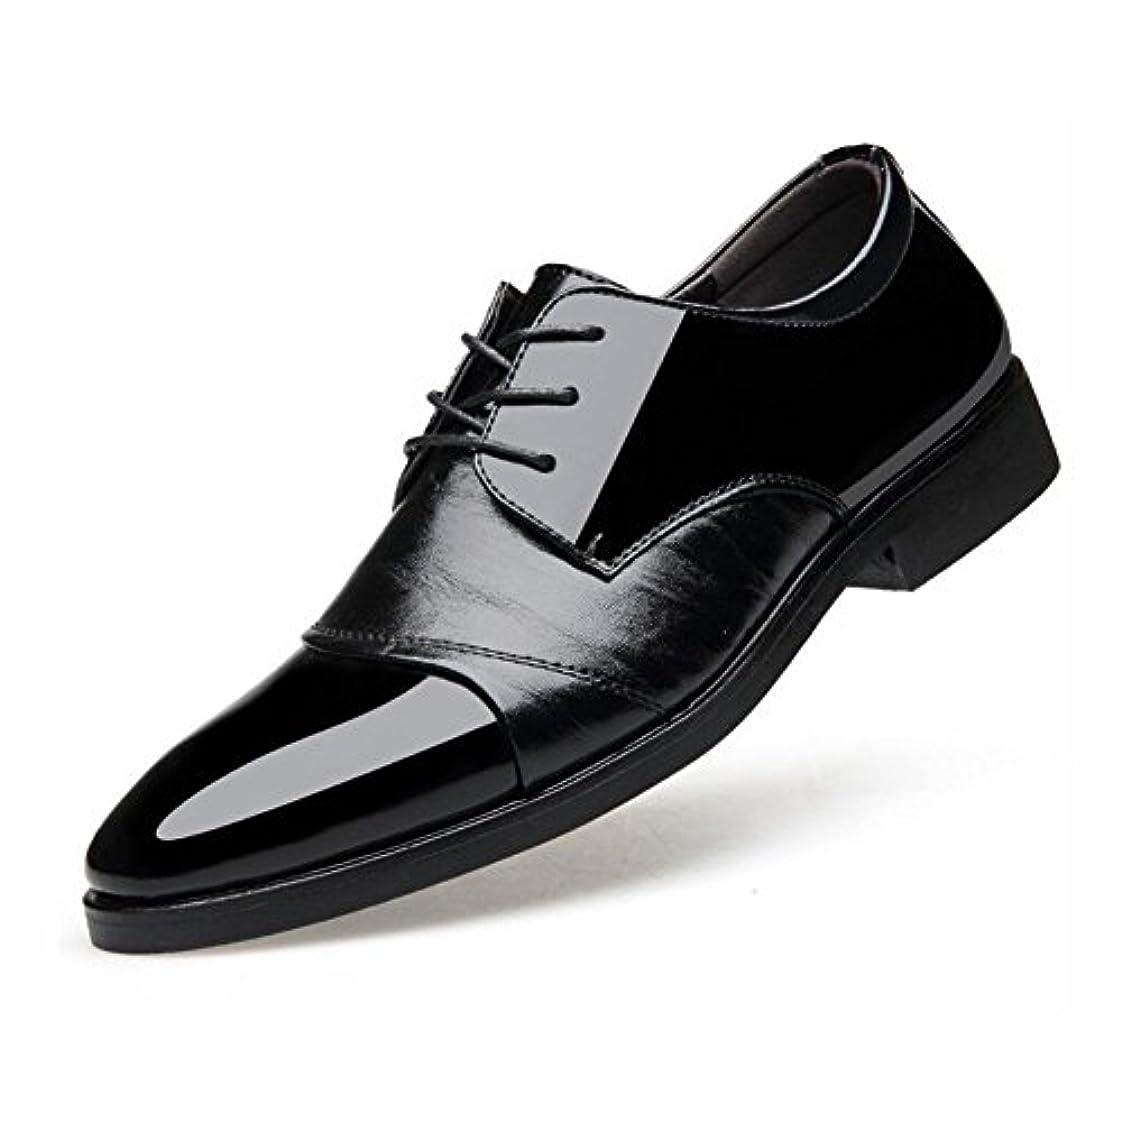 抜け目がない寛容帰するビジネス靴メンズドレス, 春の秋は、つま先の革の靴を指摘, 結婚式のファッショナブルなオフィスの靴をレース, カジュアルフラットブラウンブラック,Black,39